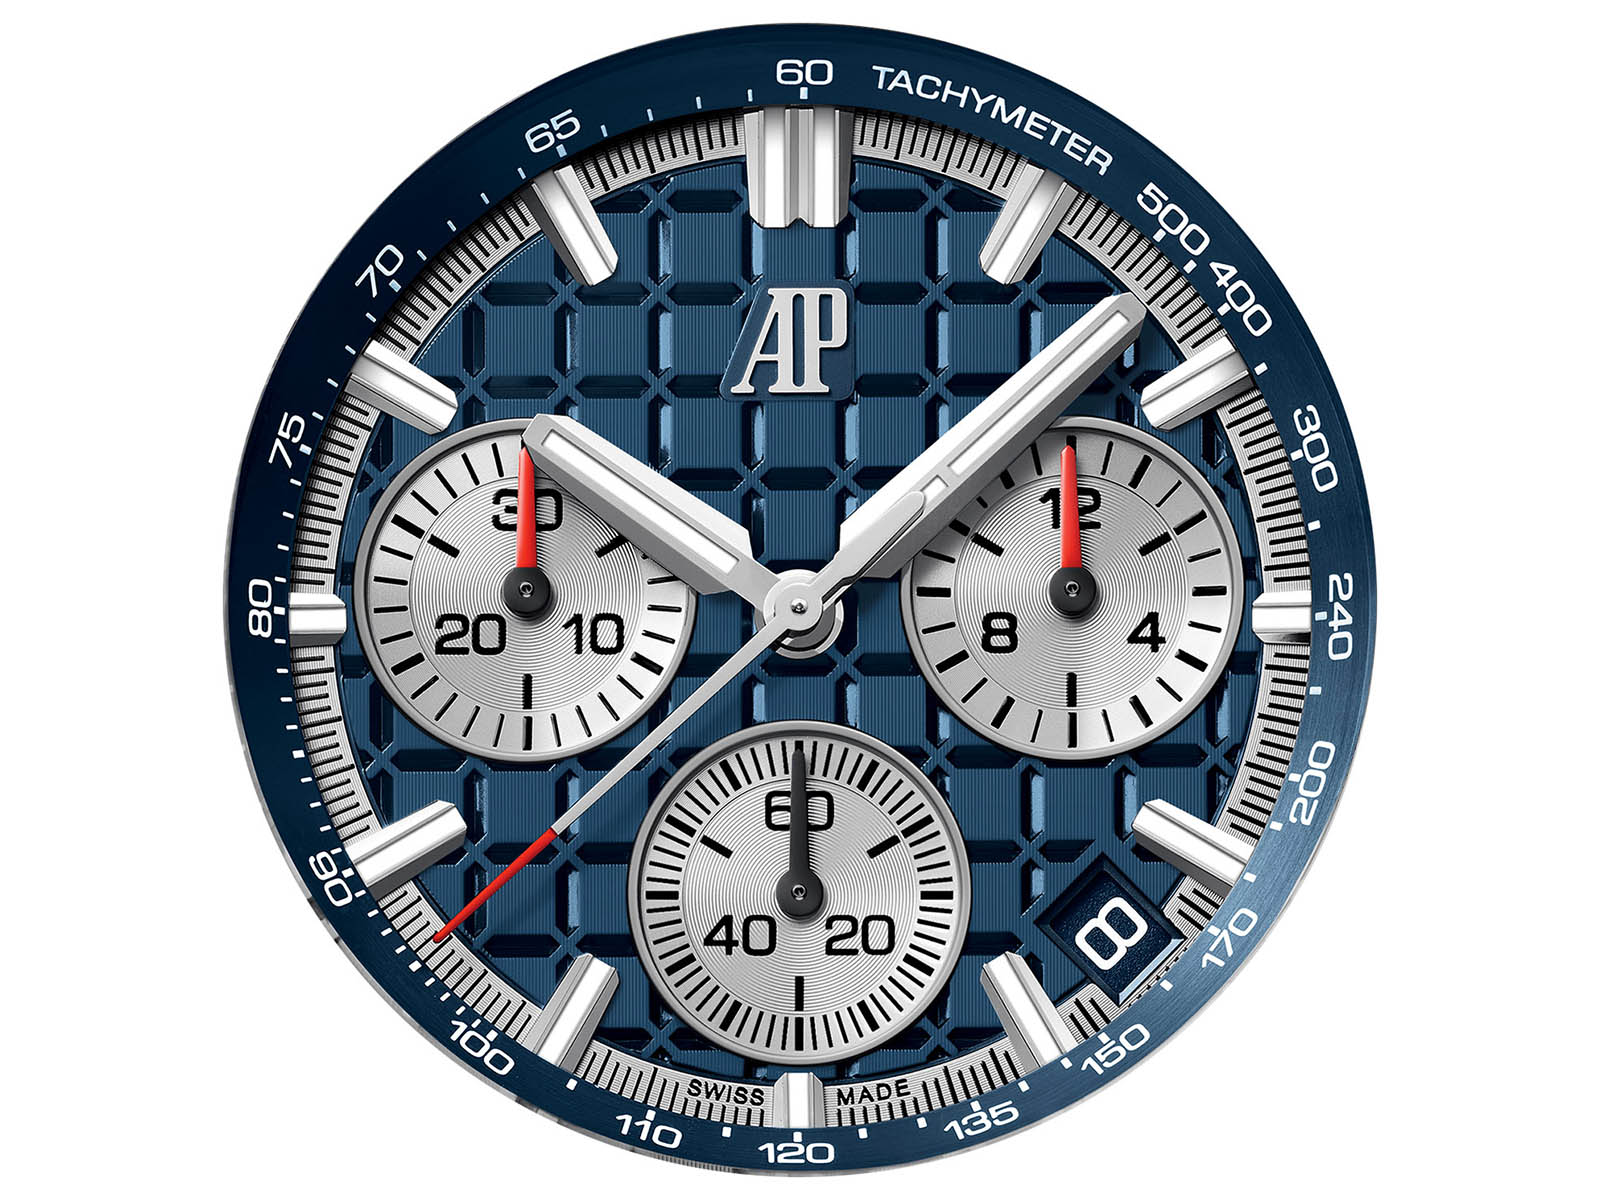 audemars-piguet-royal-oak-offshore-selfwinding-chronograph-43mm-1.jpg